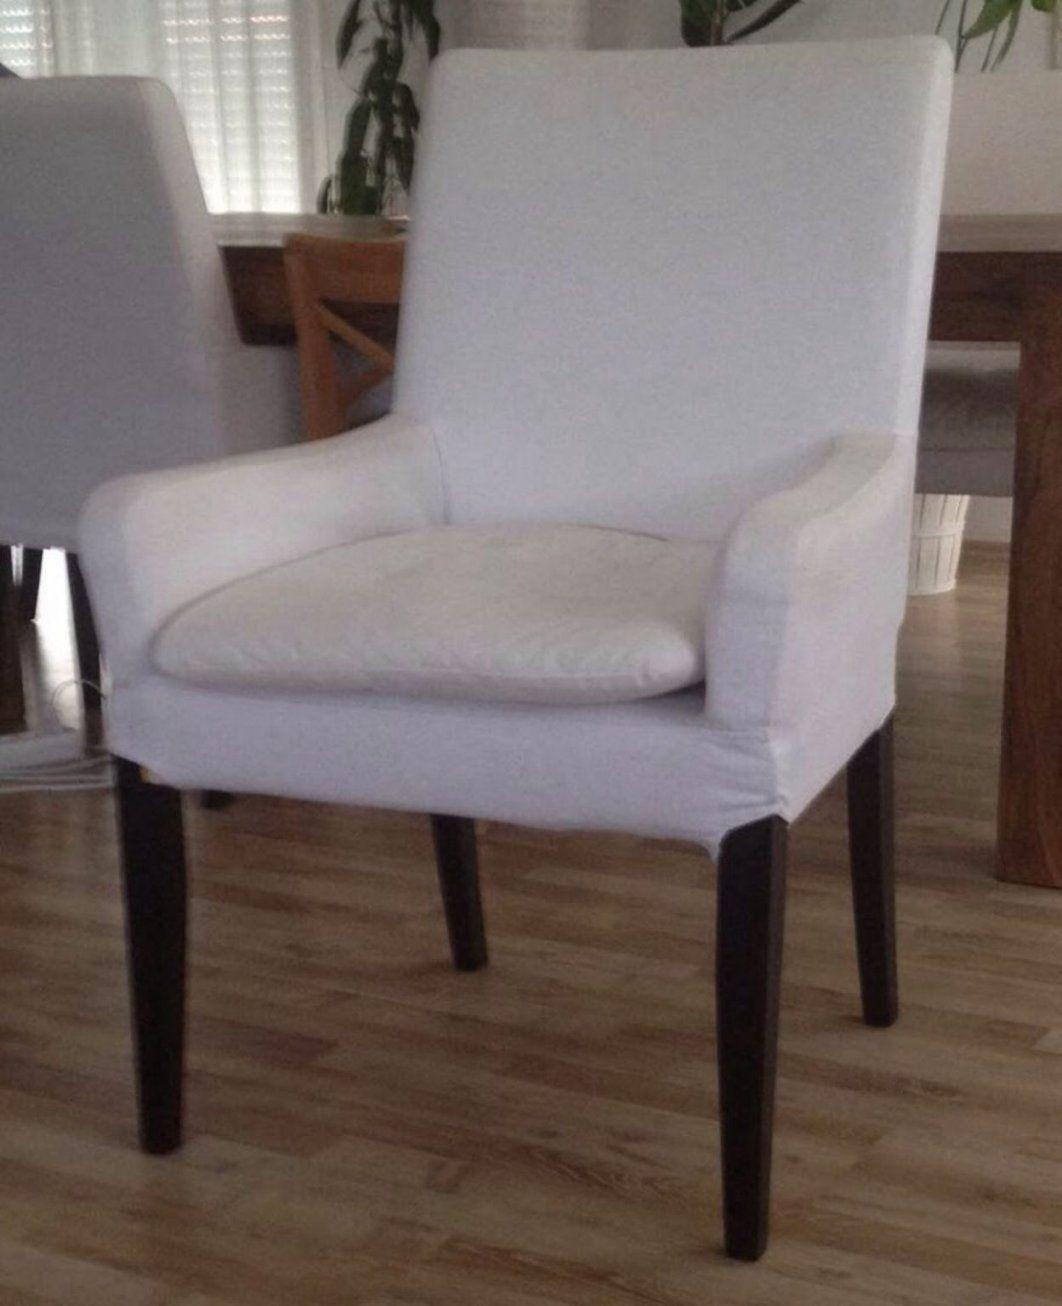 Ikea Sthle Mit Armlehne Cool Holz Stuhl Mit Armlehne